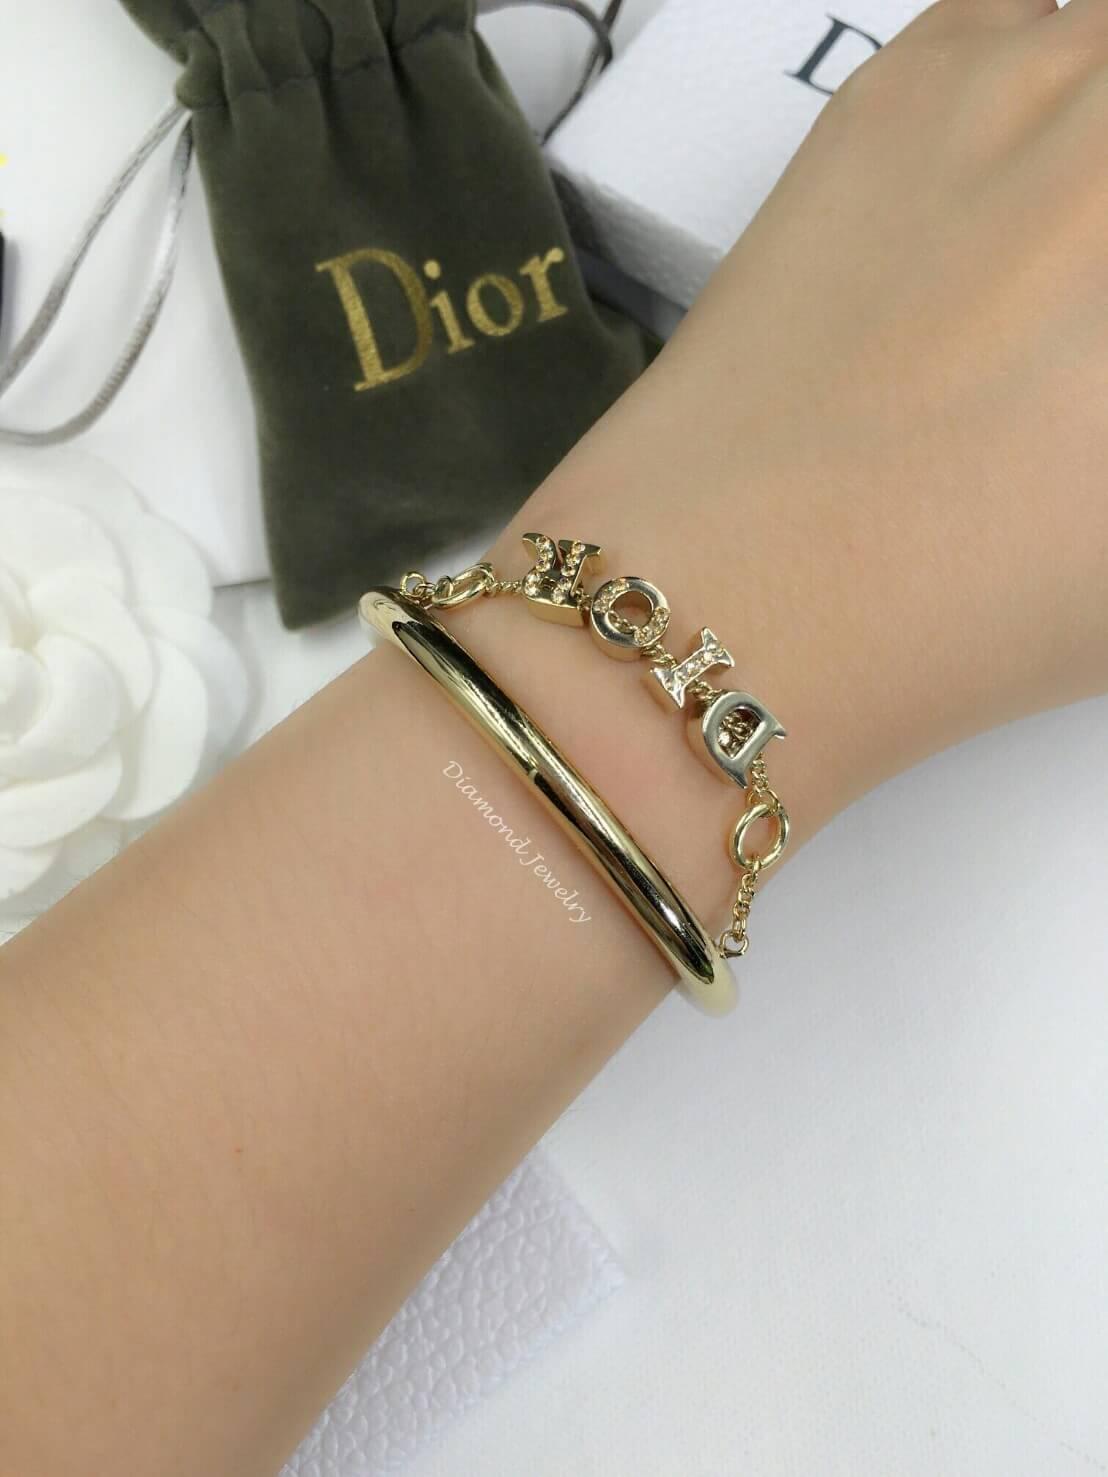 พร้อมส่ง Christian Dior Bangle กำไลดิออ งานน่ารัก